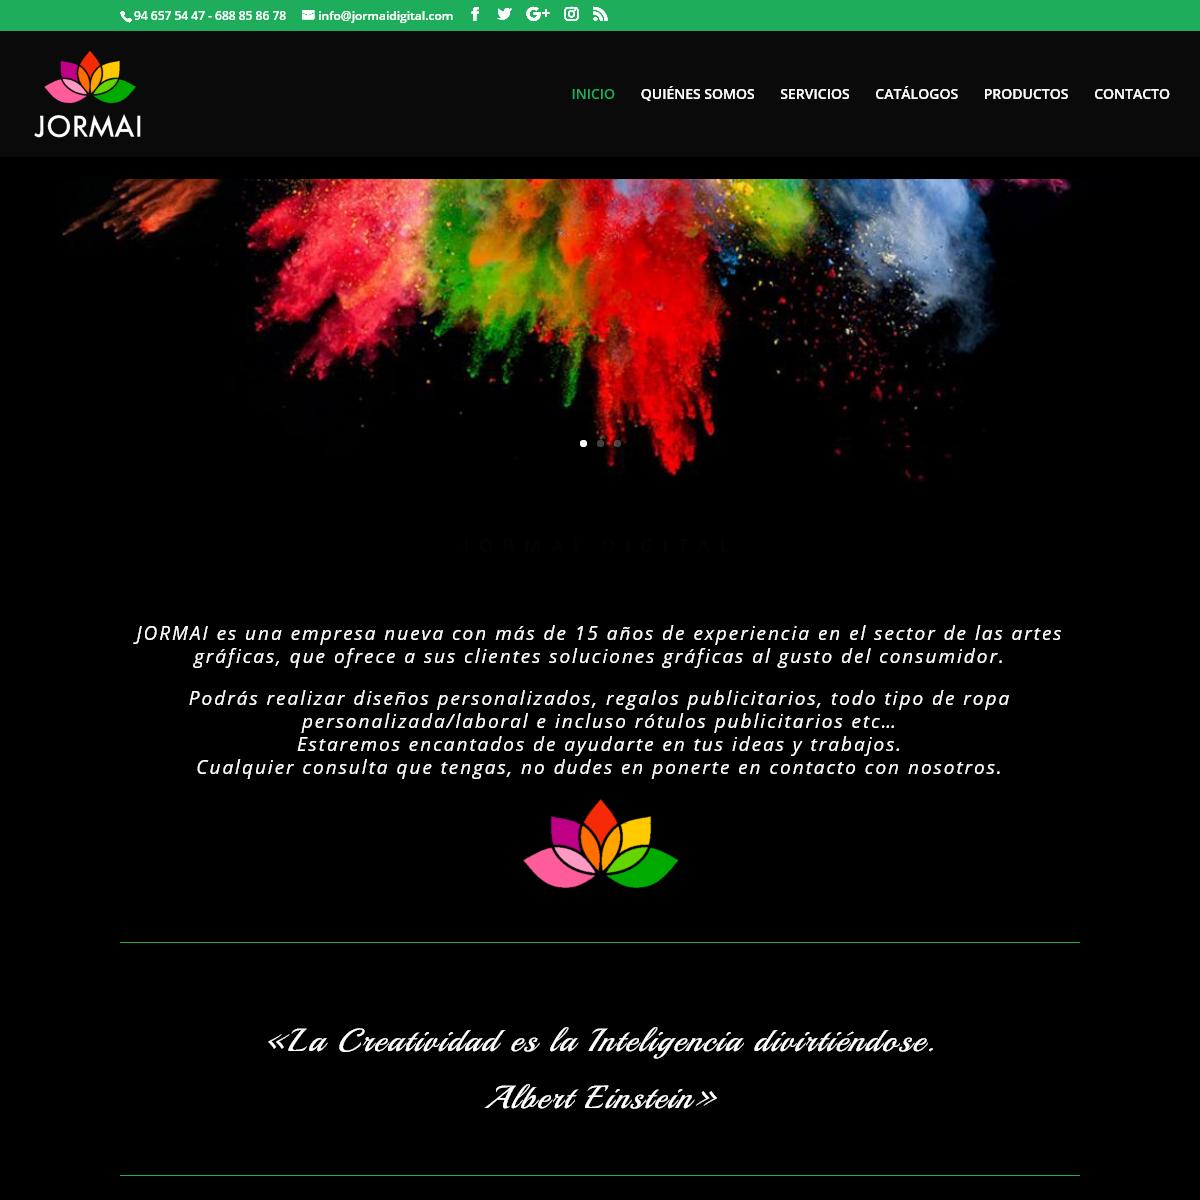 JORMAI Digital - Diseños personalizados, regalos publicitarios, todo tipo de ropa personalizada-laboral, rótulos publicitarios